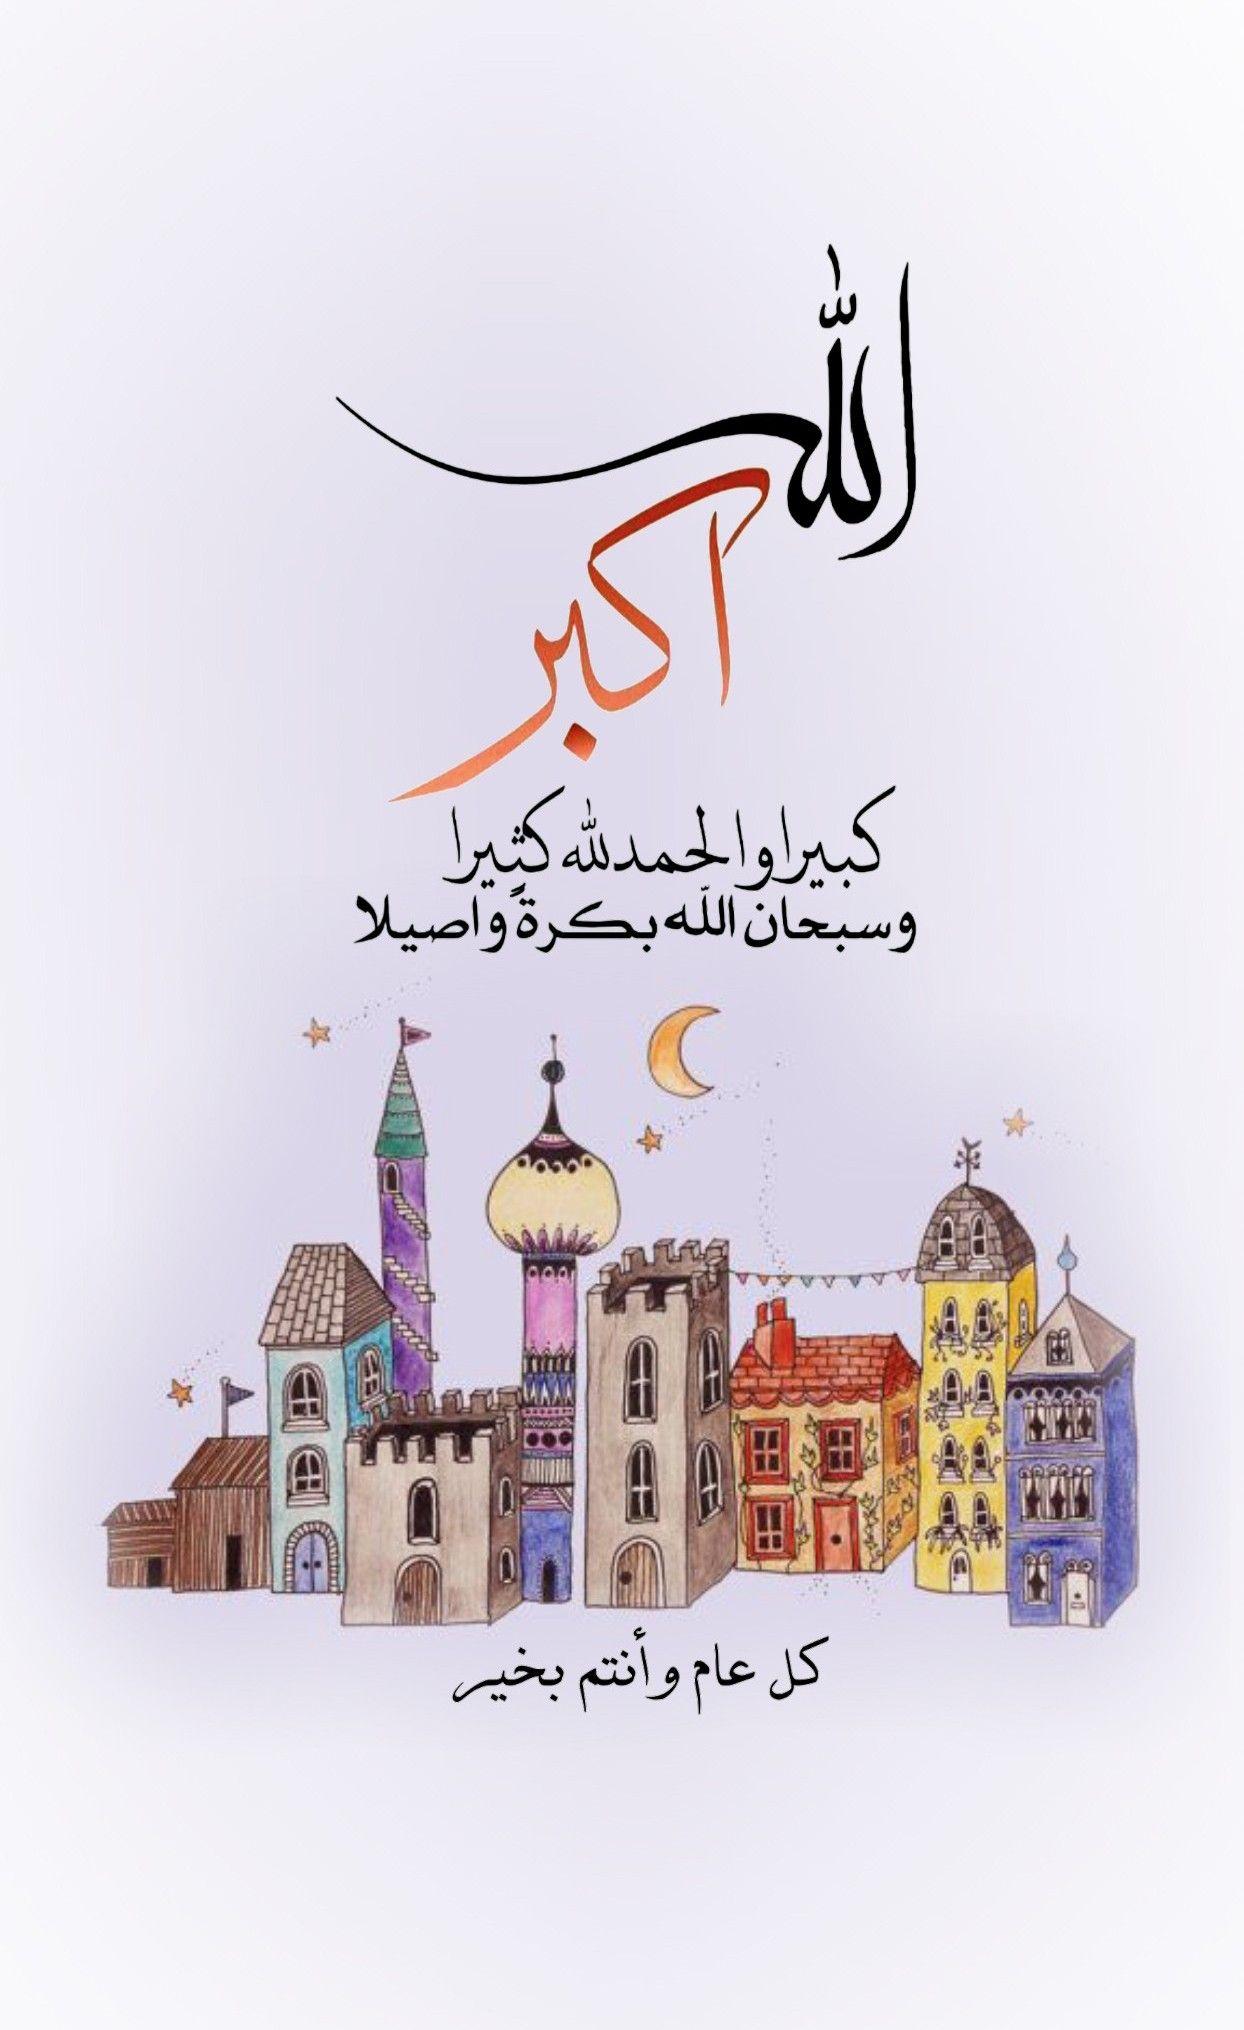 الله أكبر كبيرا والحمد لله كثيرا وسبحان الله بكرة وأصيلا كل عام وأنتم بخير Eid Greetings Eid Cards Happy Eid